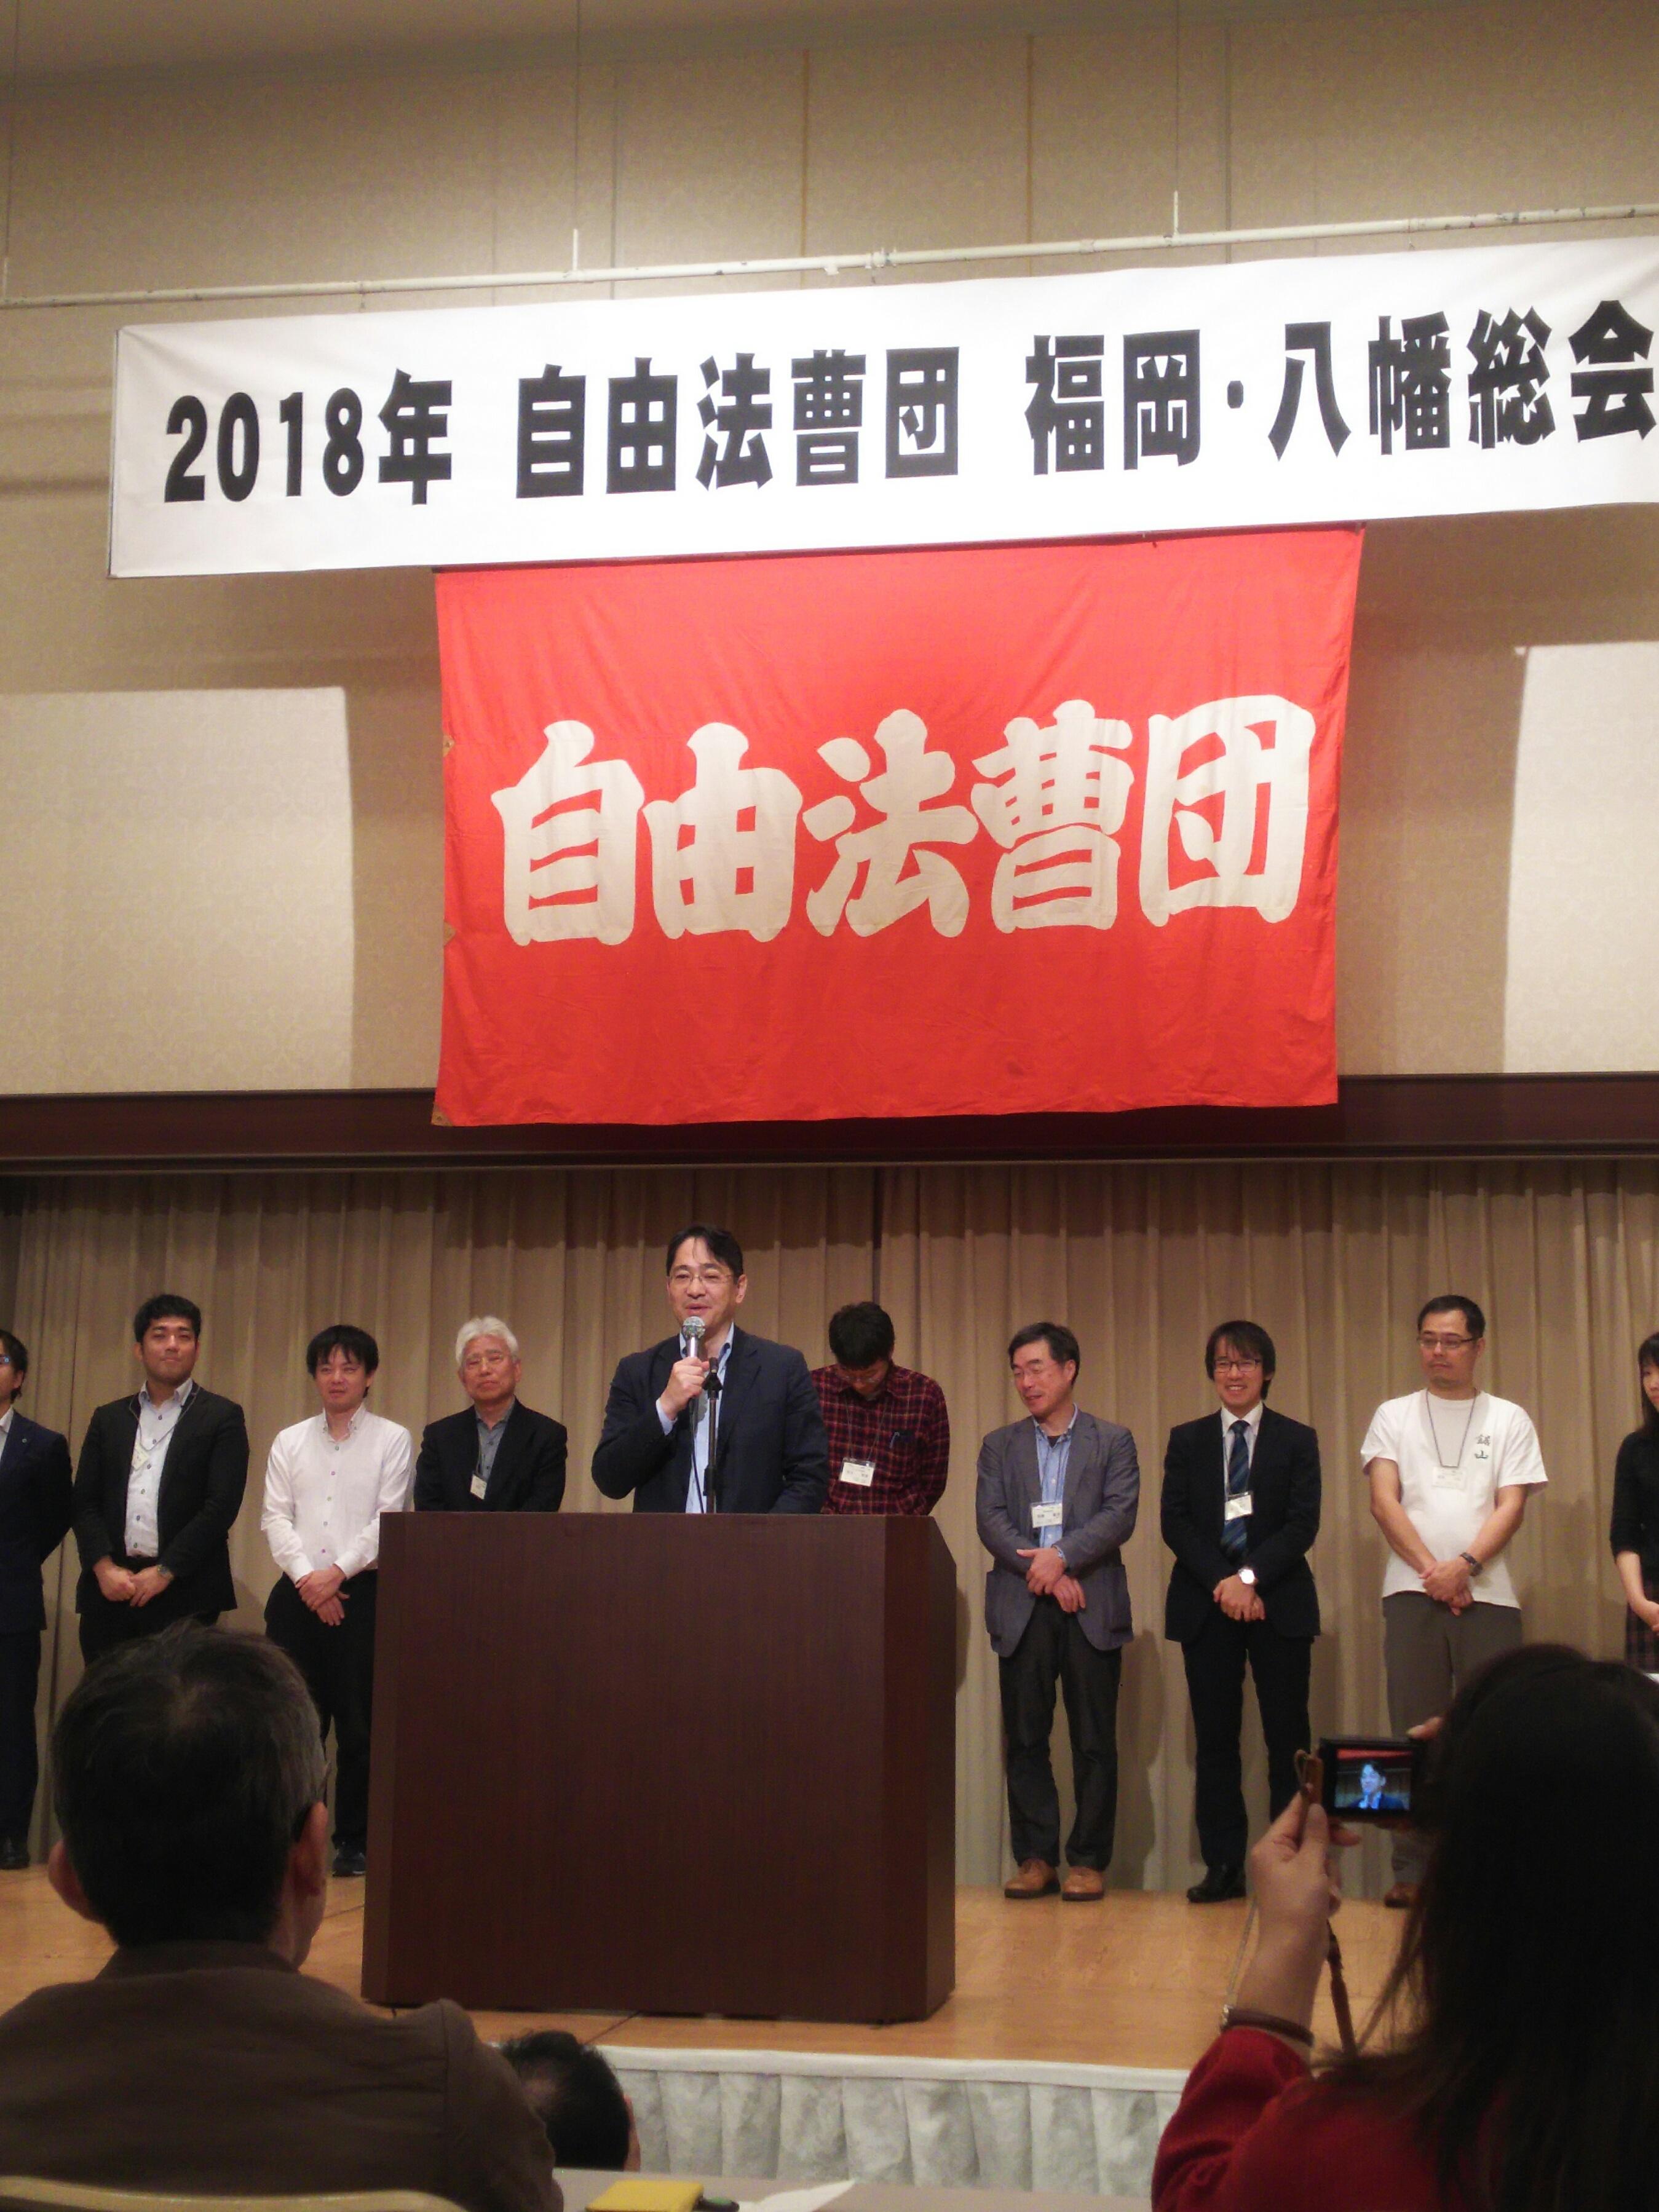 幹事長に選任され挨拶をする泉澤章弁護士